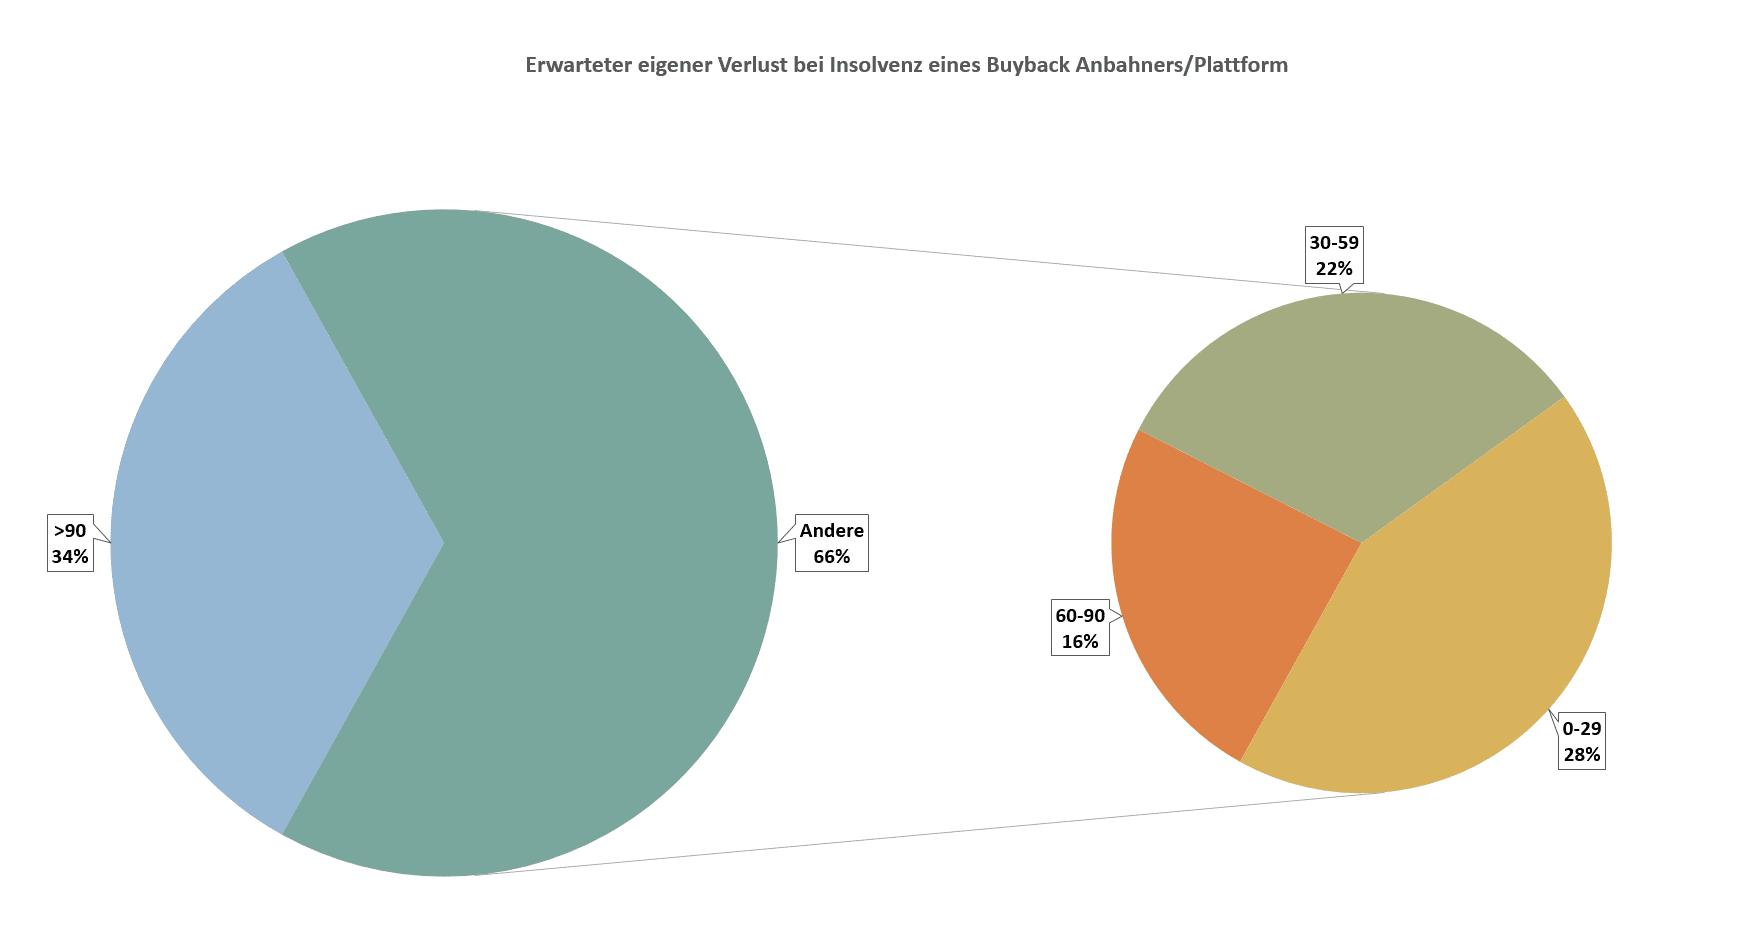 P2P Umfrageauswertung - Das Risiko durch eine Ausfall einer kompletten Plattform